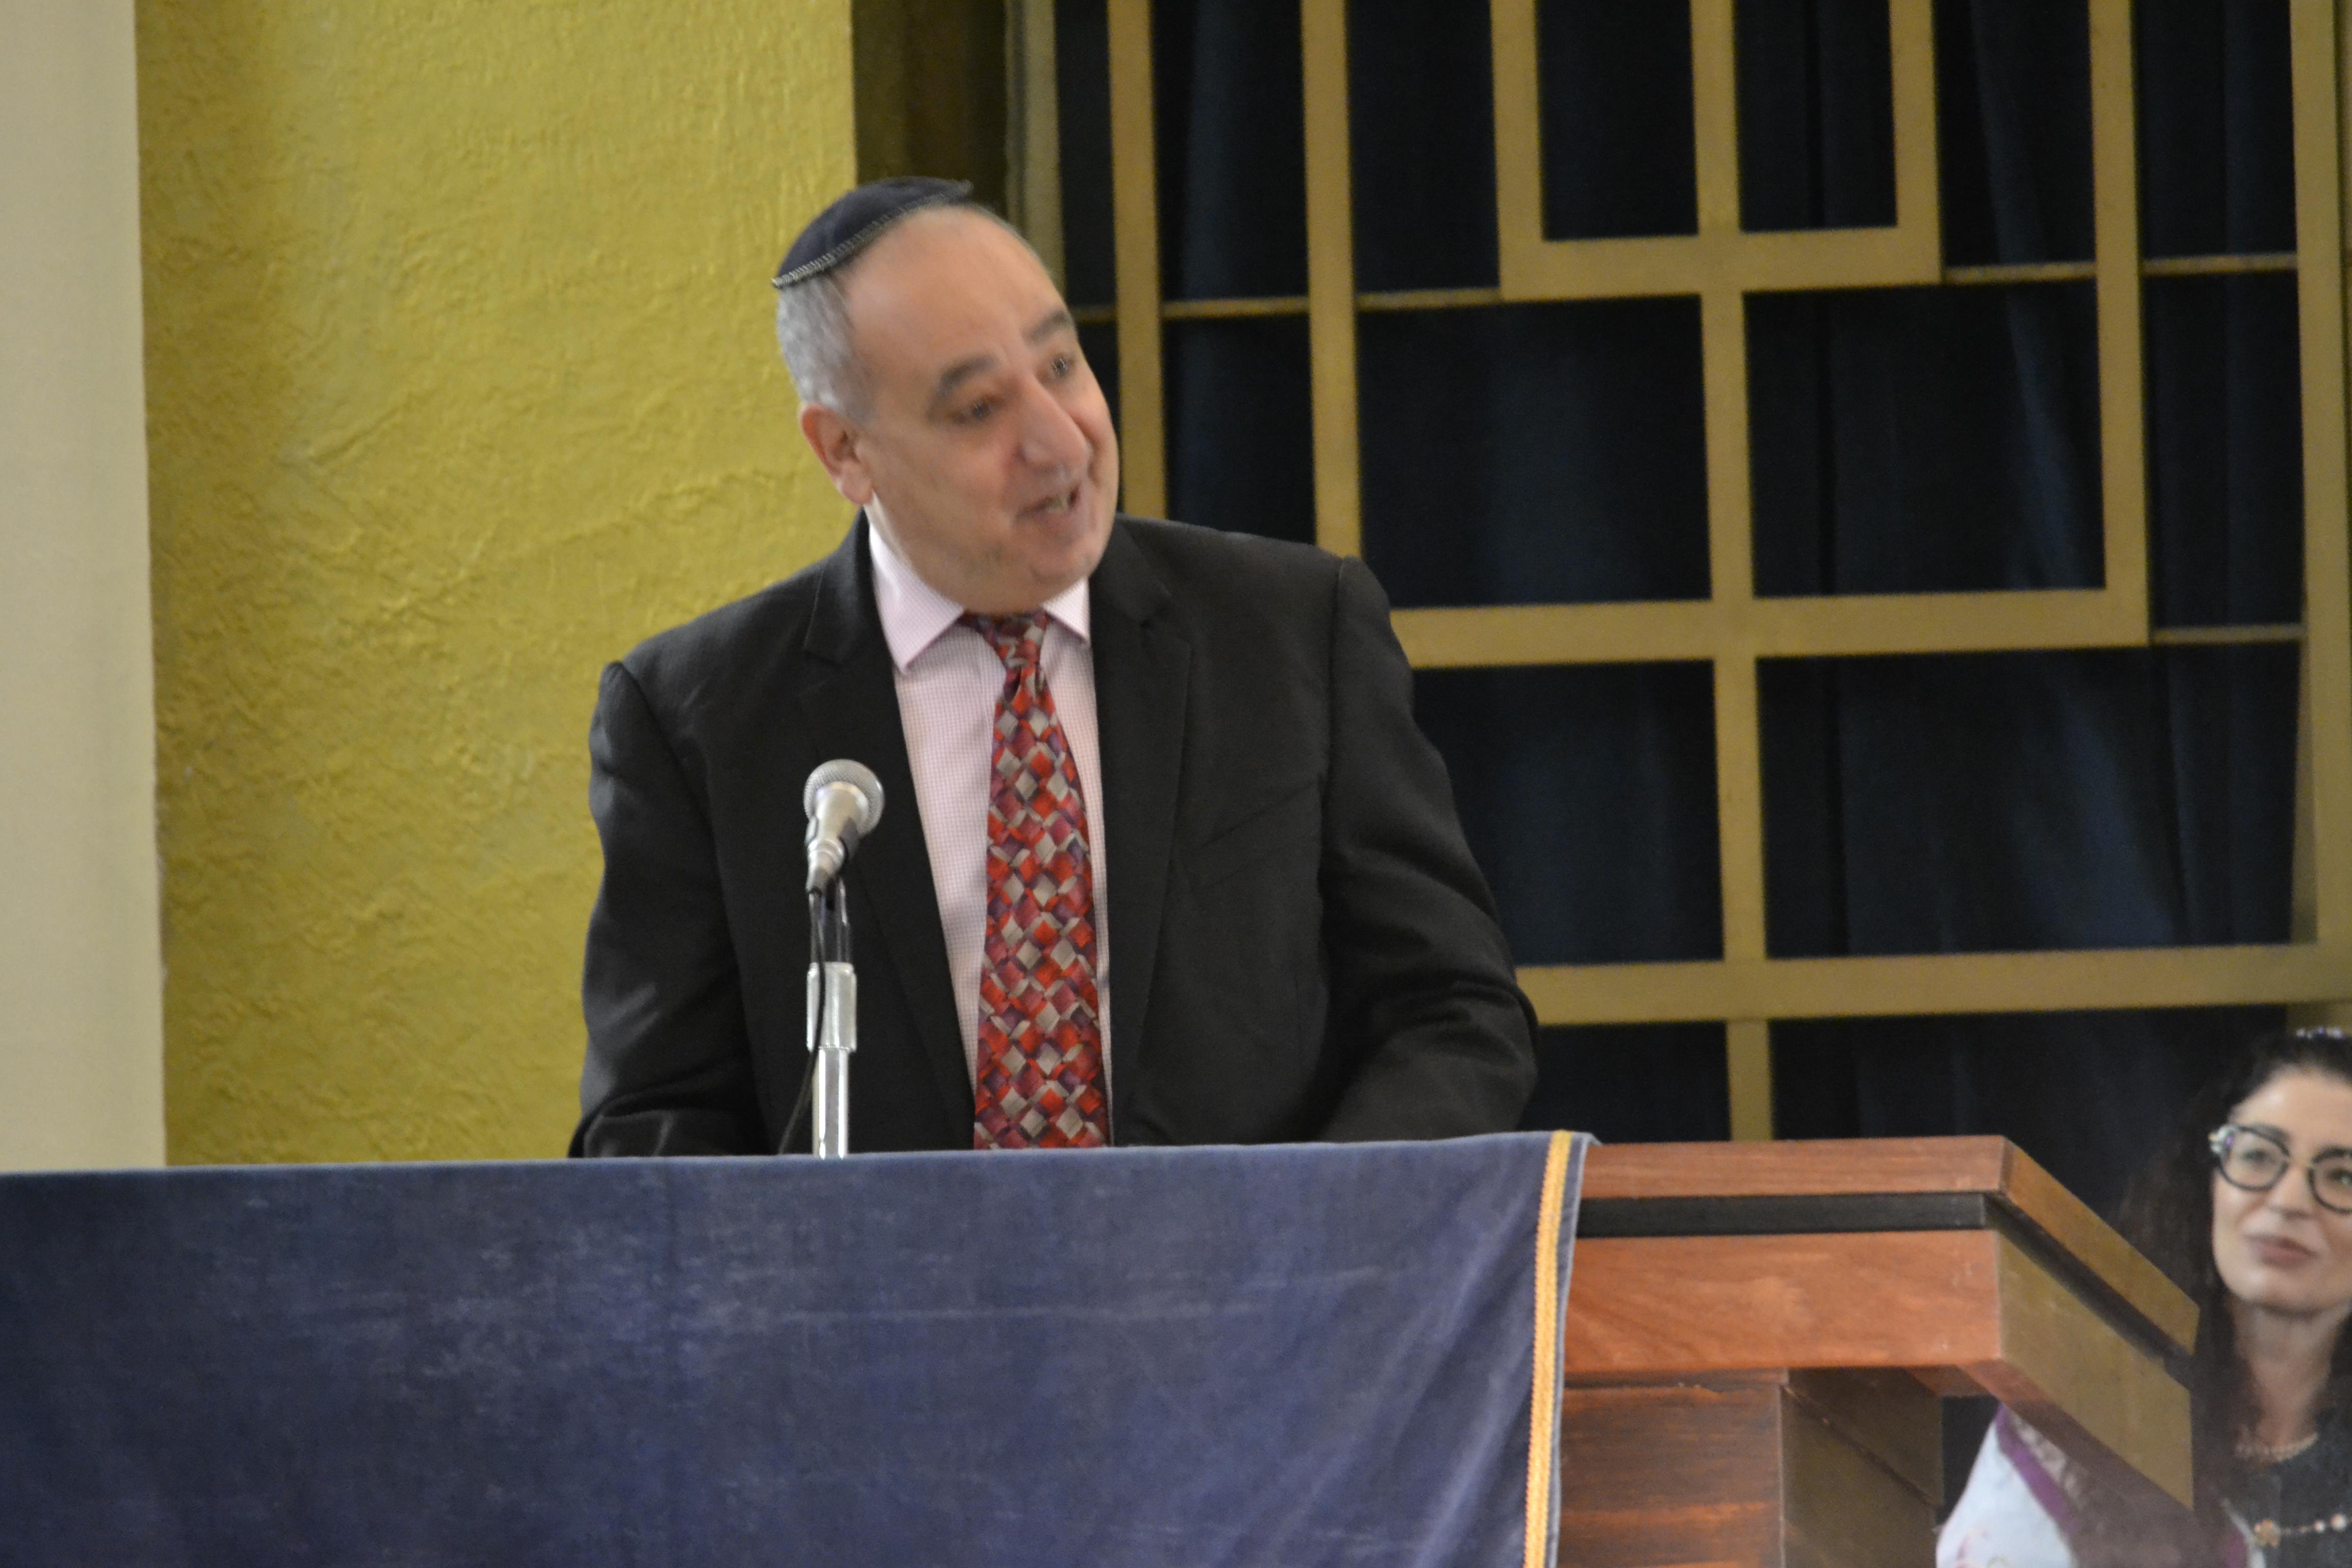 Ambassador Arthur Lenk